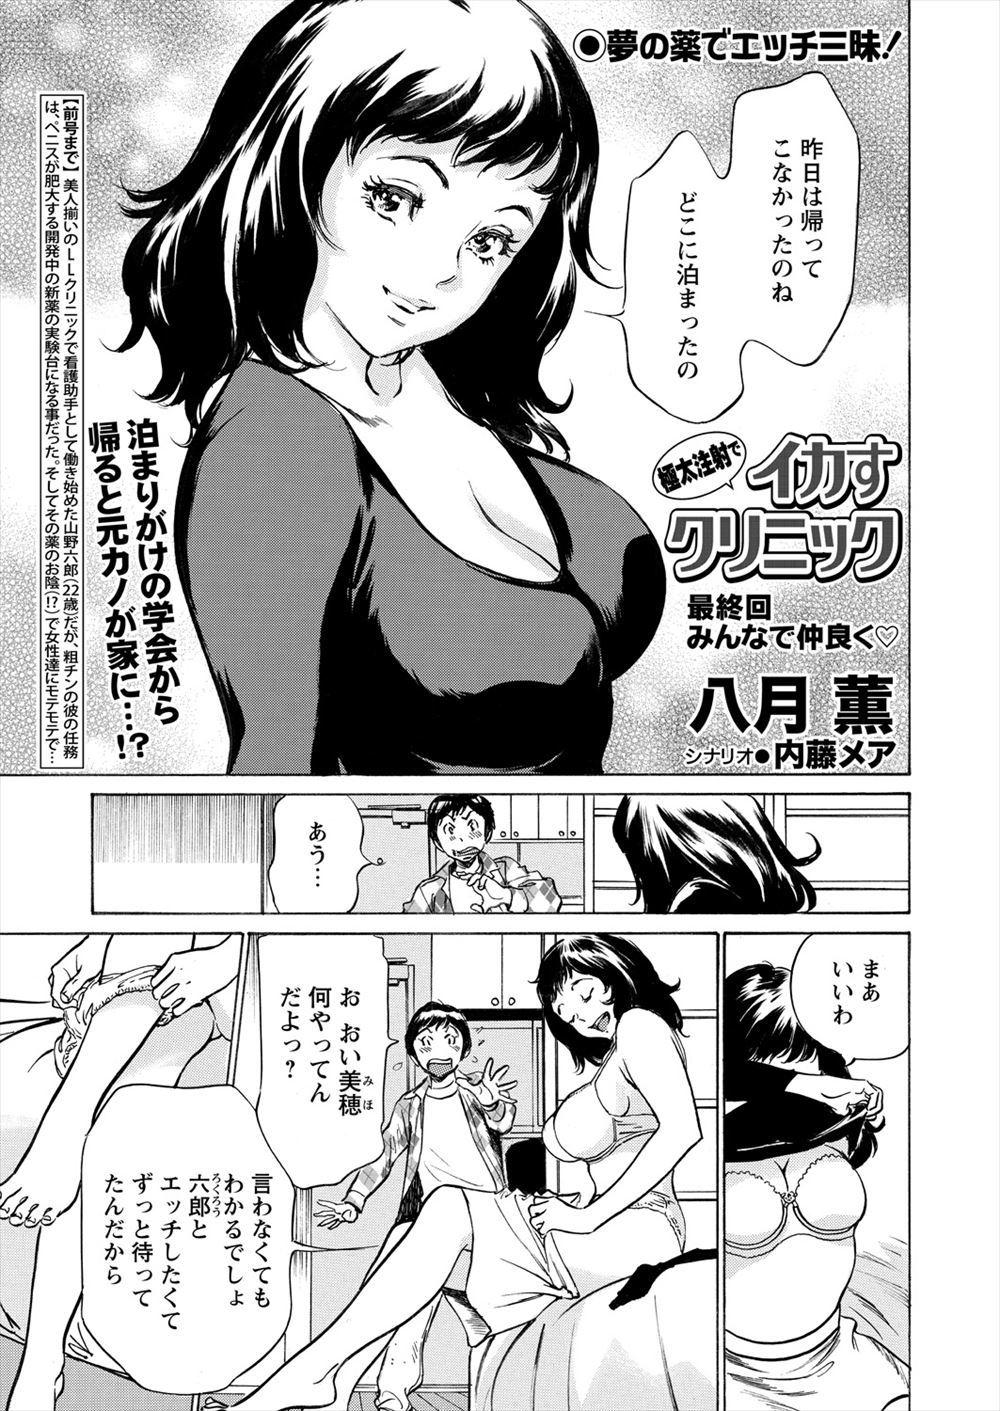 [八月薫] イカすクリニック 最終回 (1)